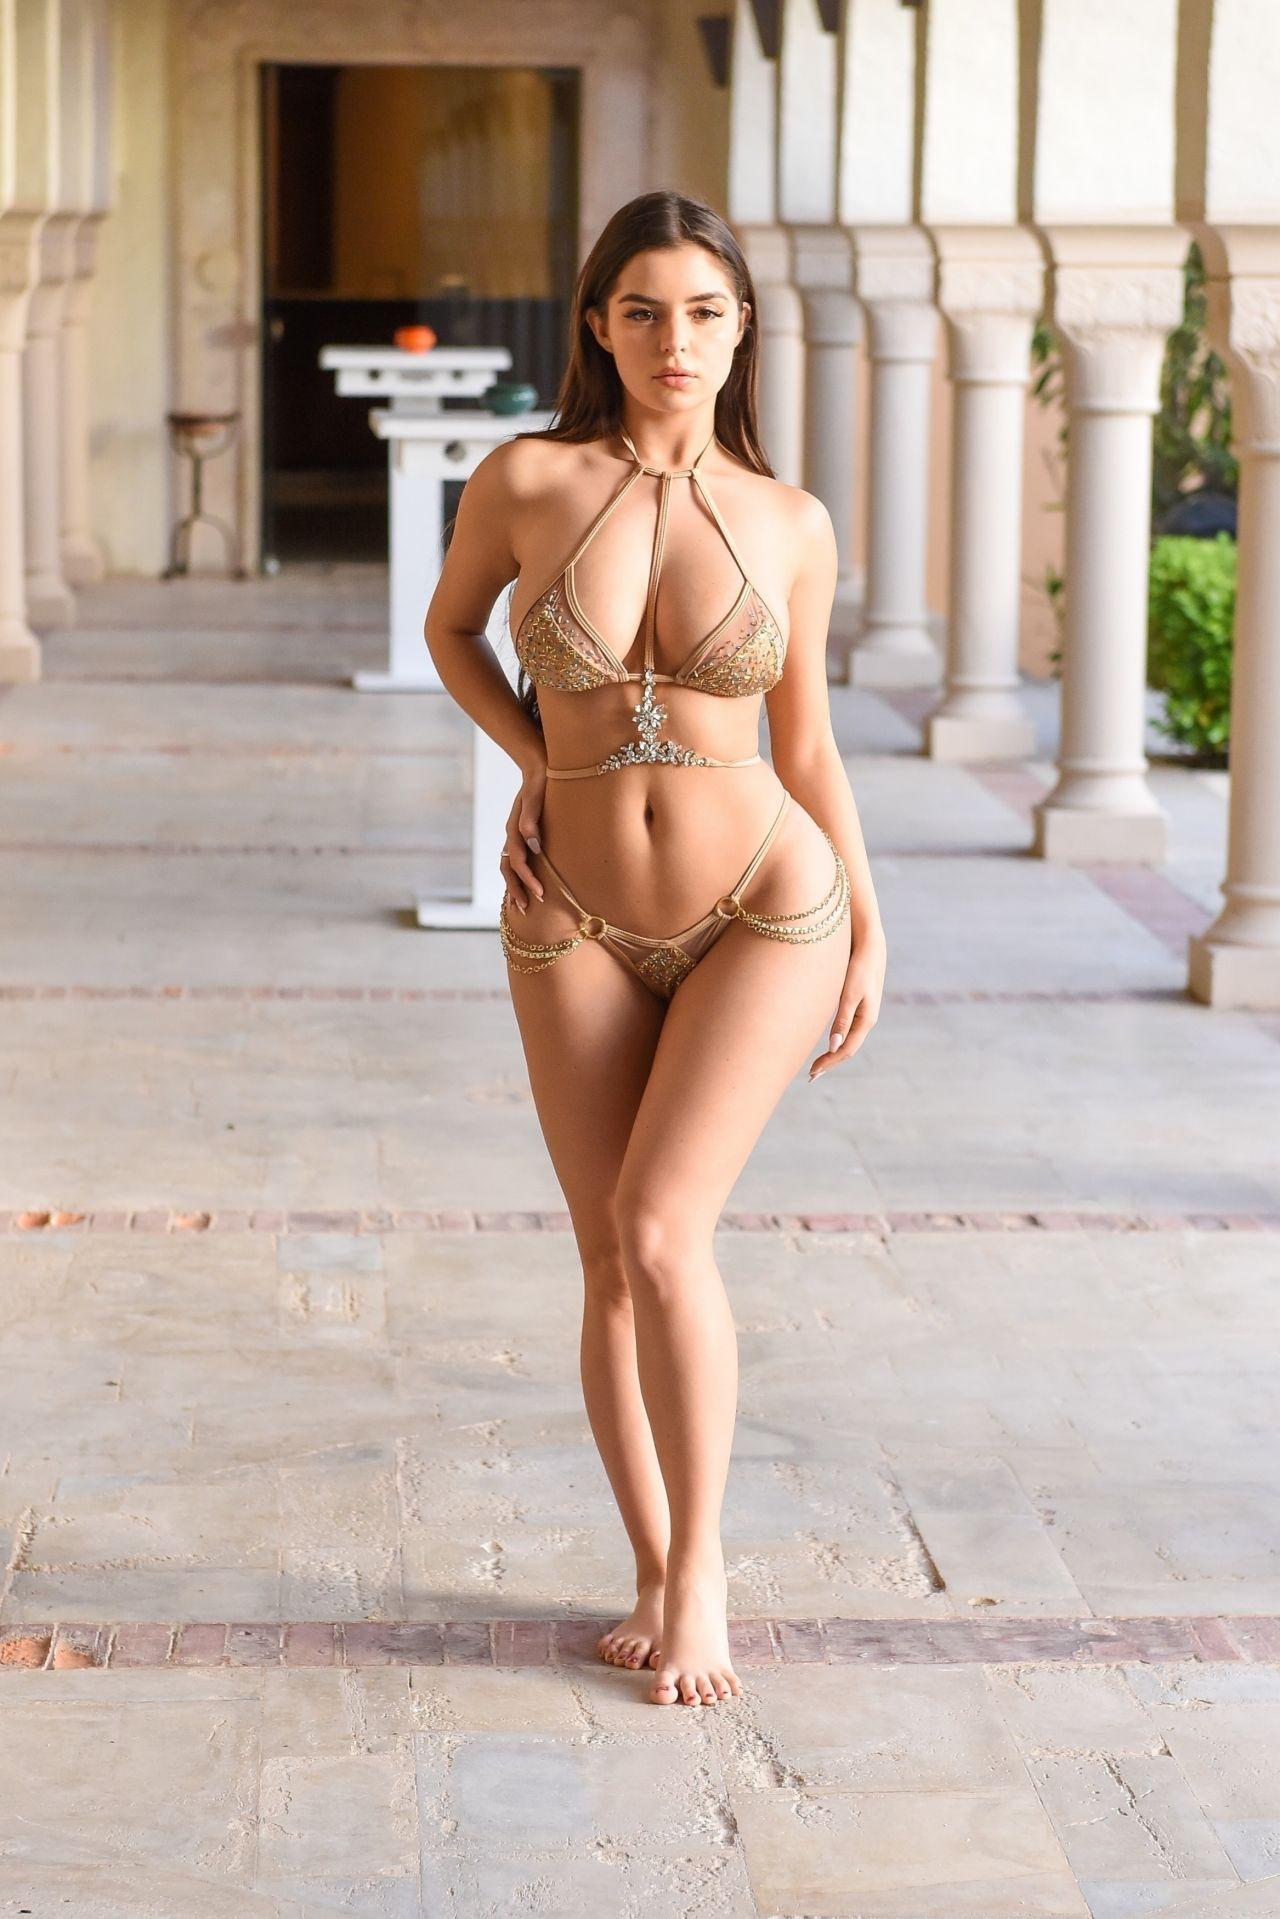 Demi Rose In A Bikini - Photoshoot In Tunisia 05142019-7106